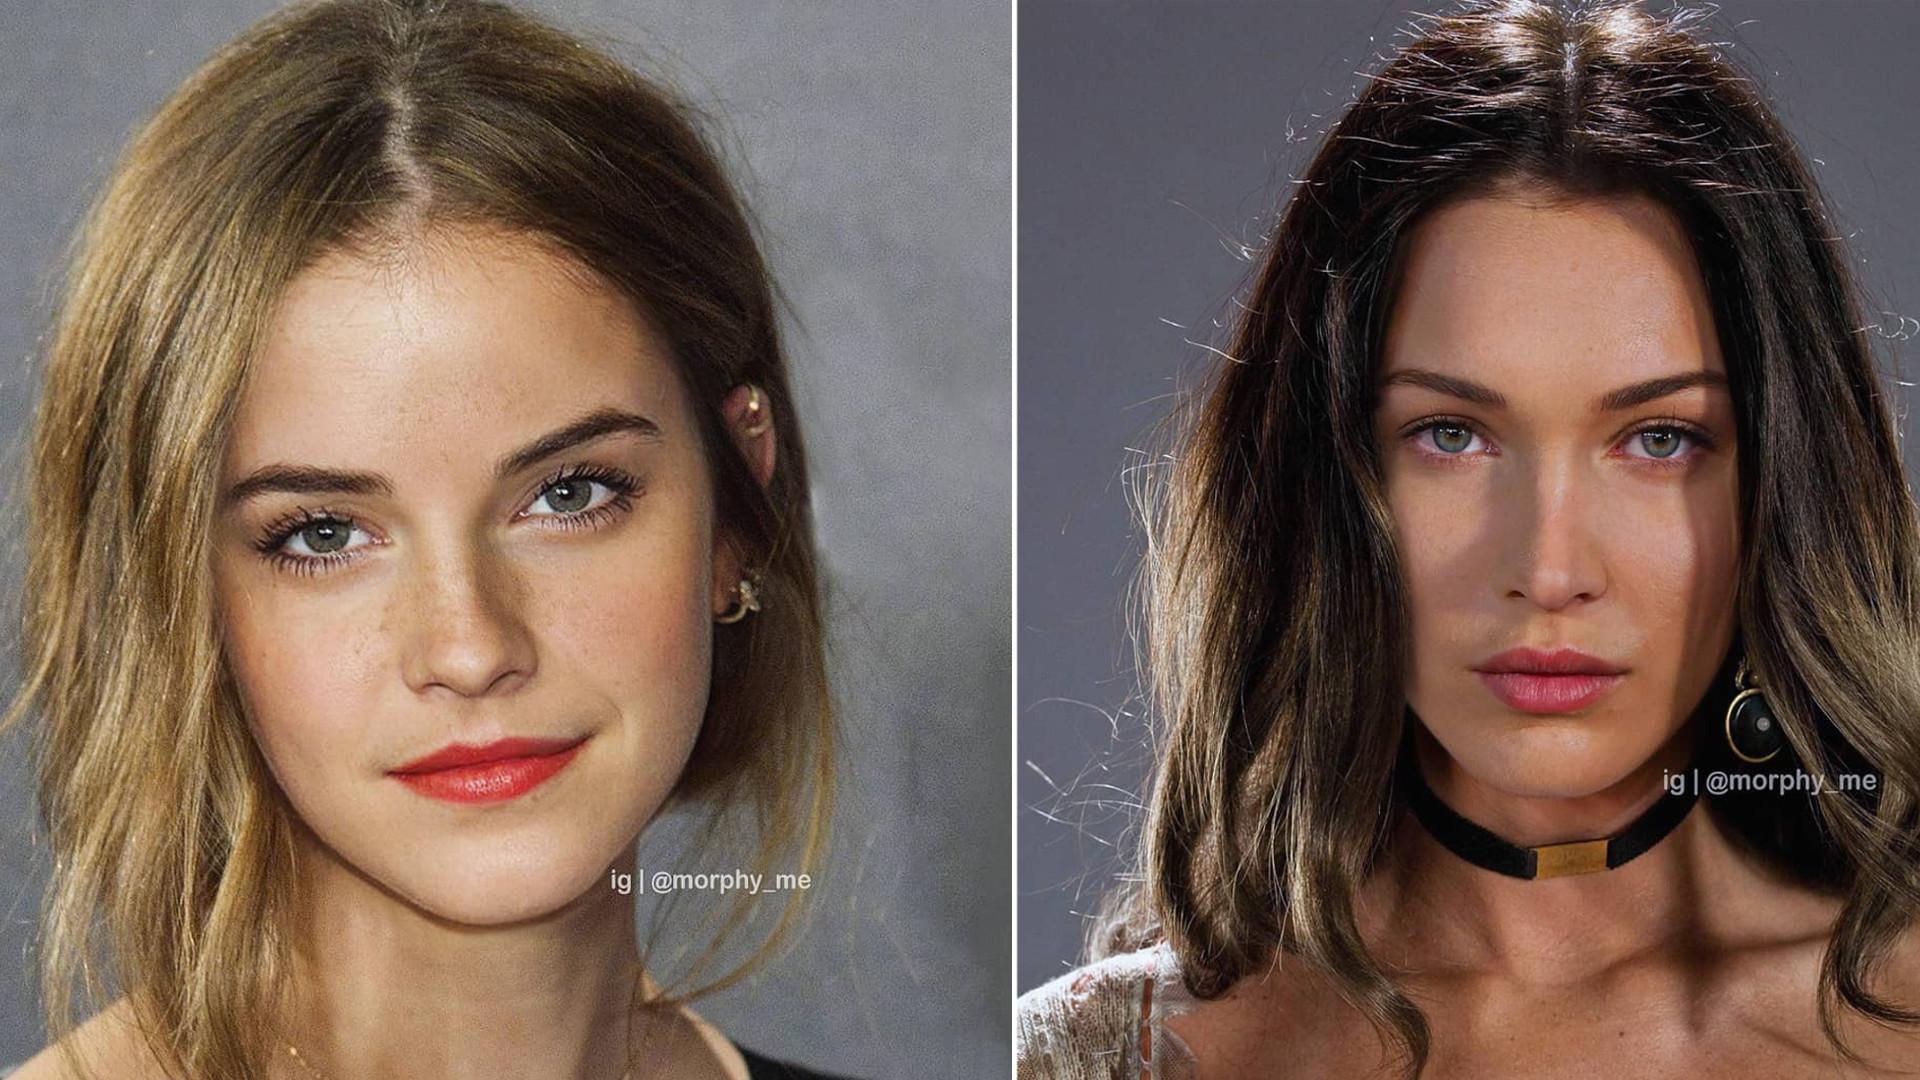 WOW! Nie uwierzysz co się stanie, gdy grafik połączy w Photoshopie twarze gwiazd!